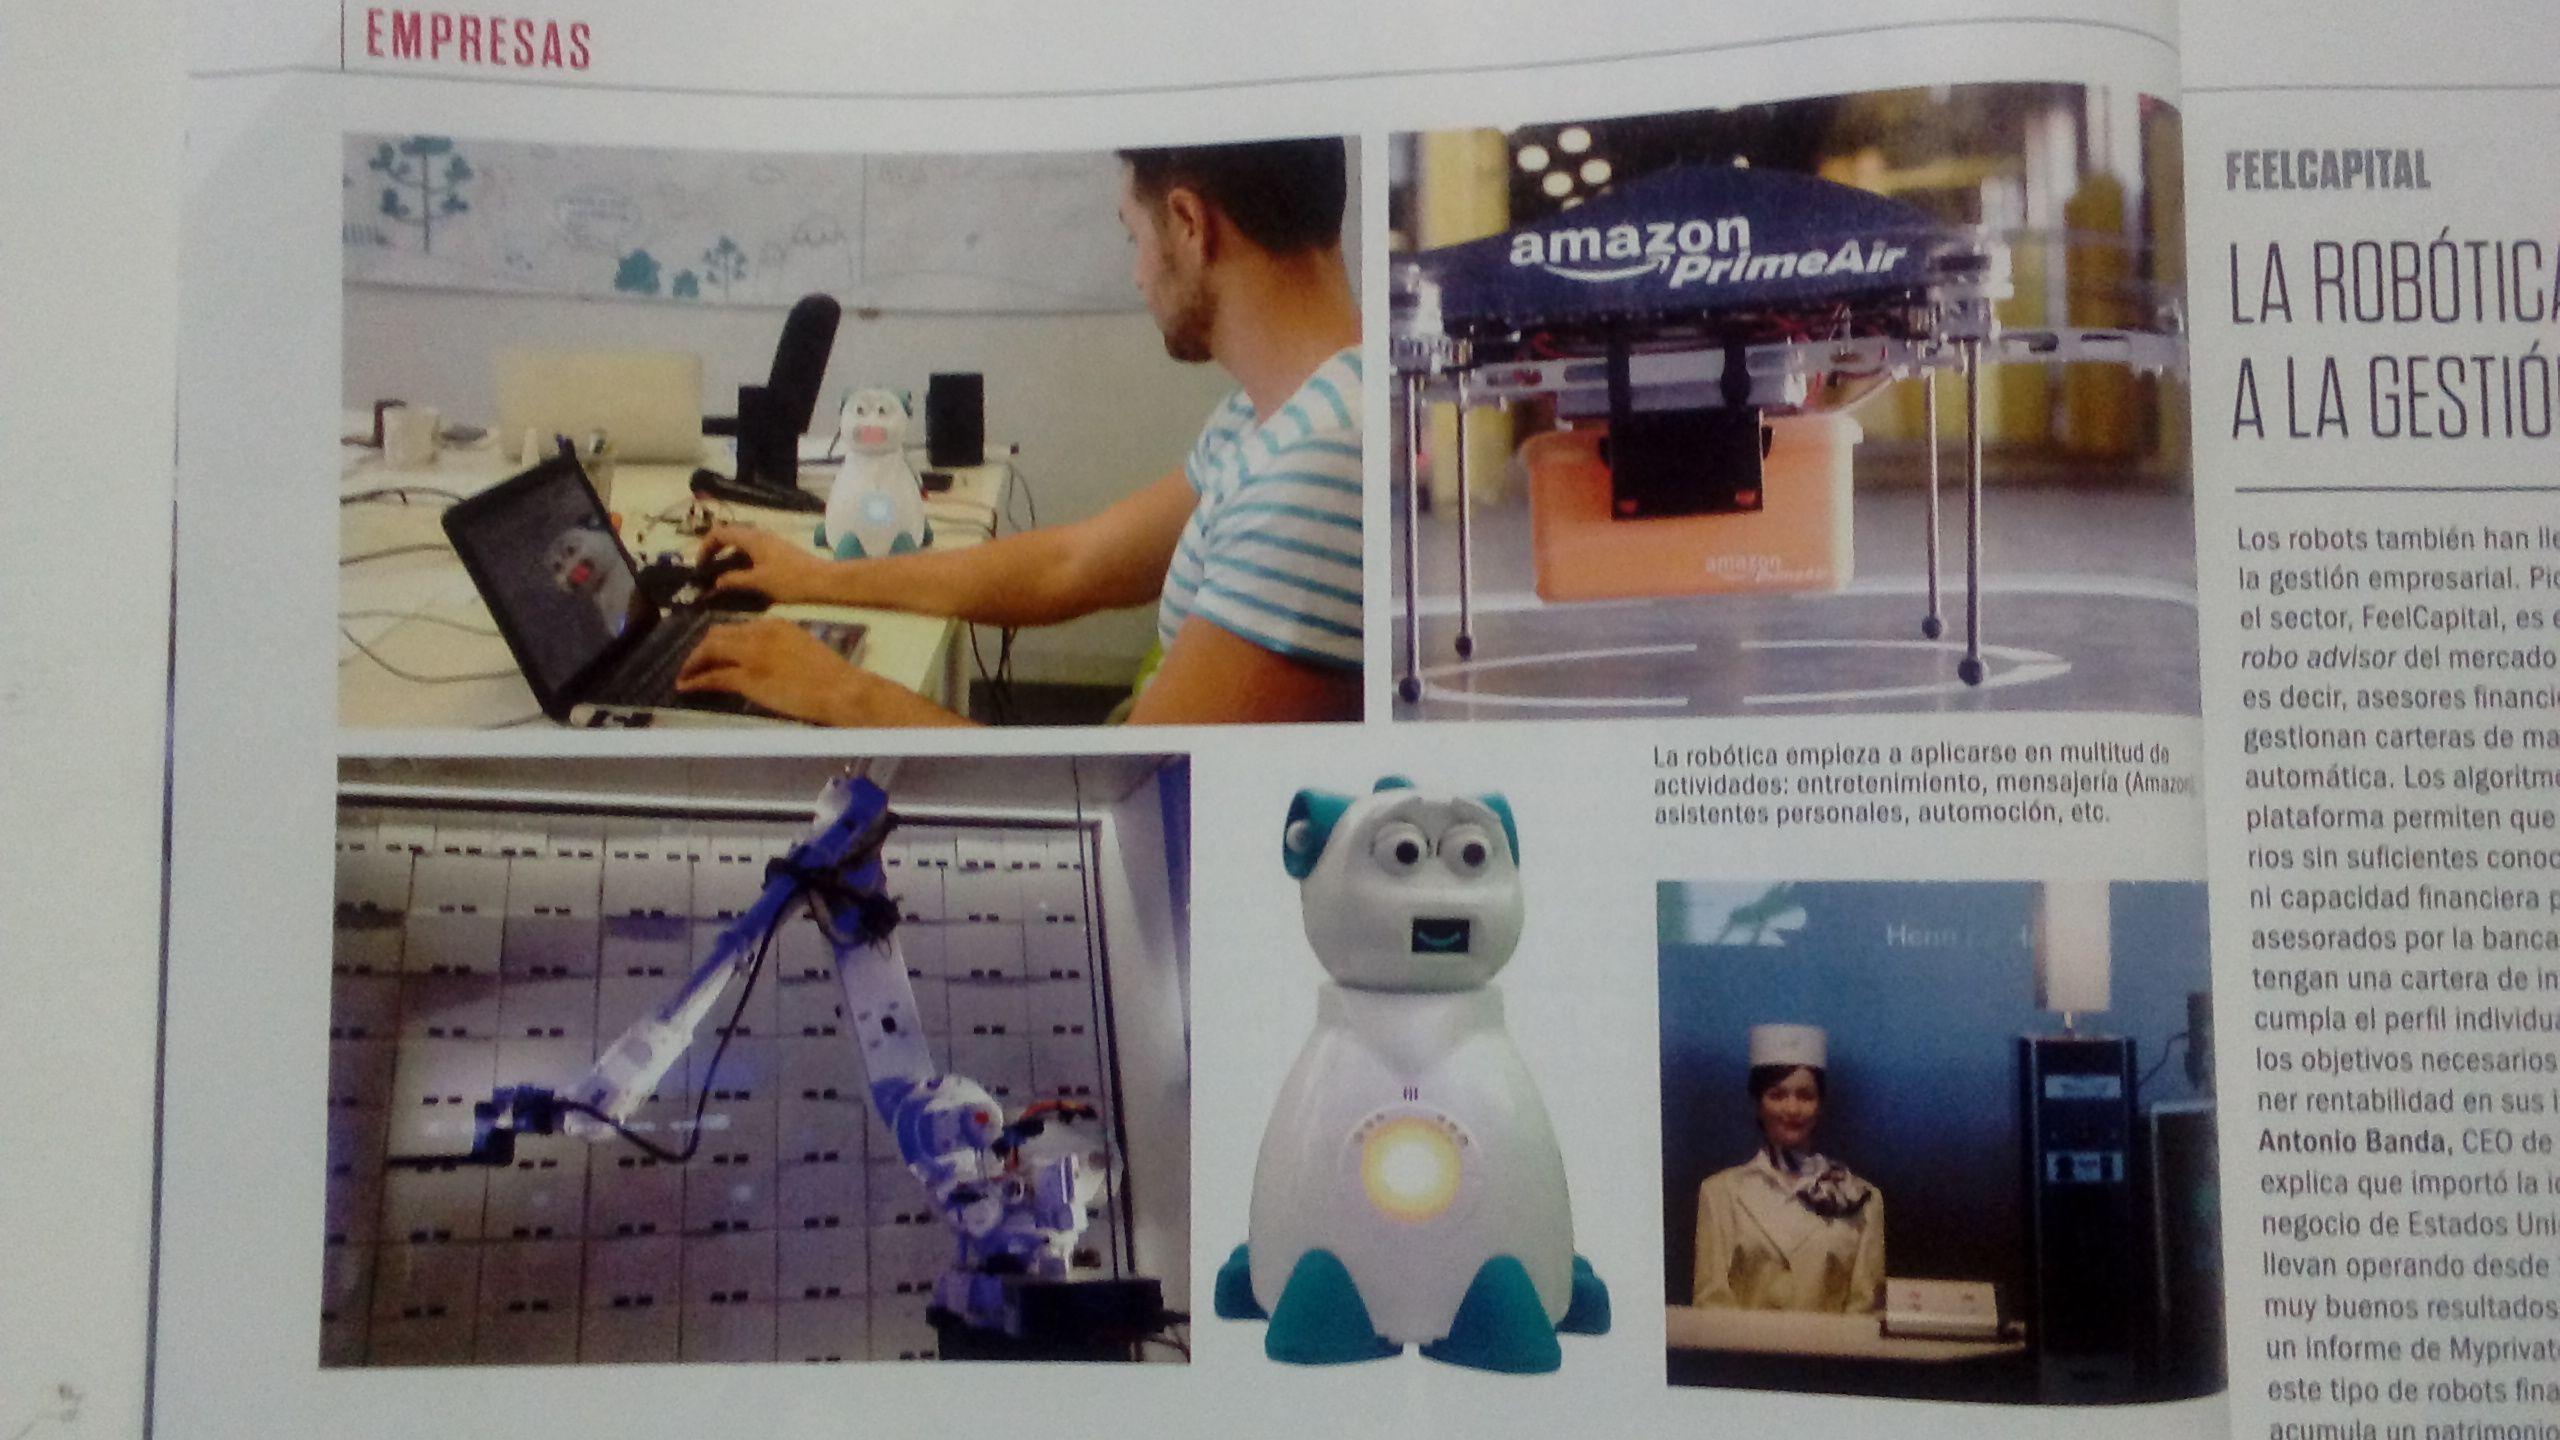 Usos de la robótica en imágenes